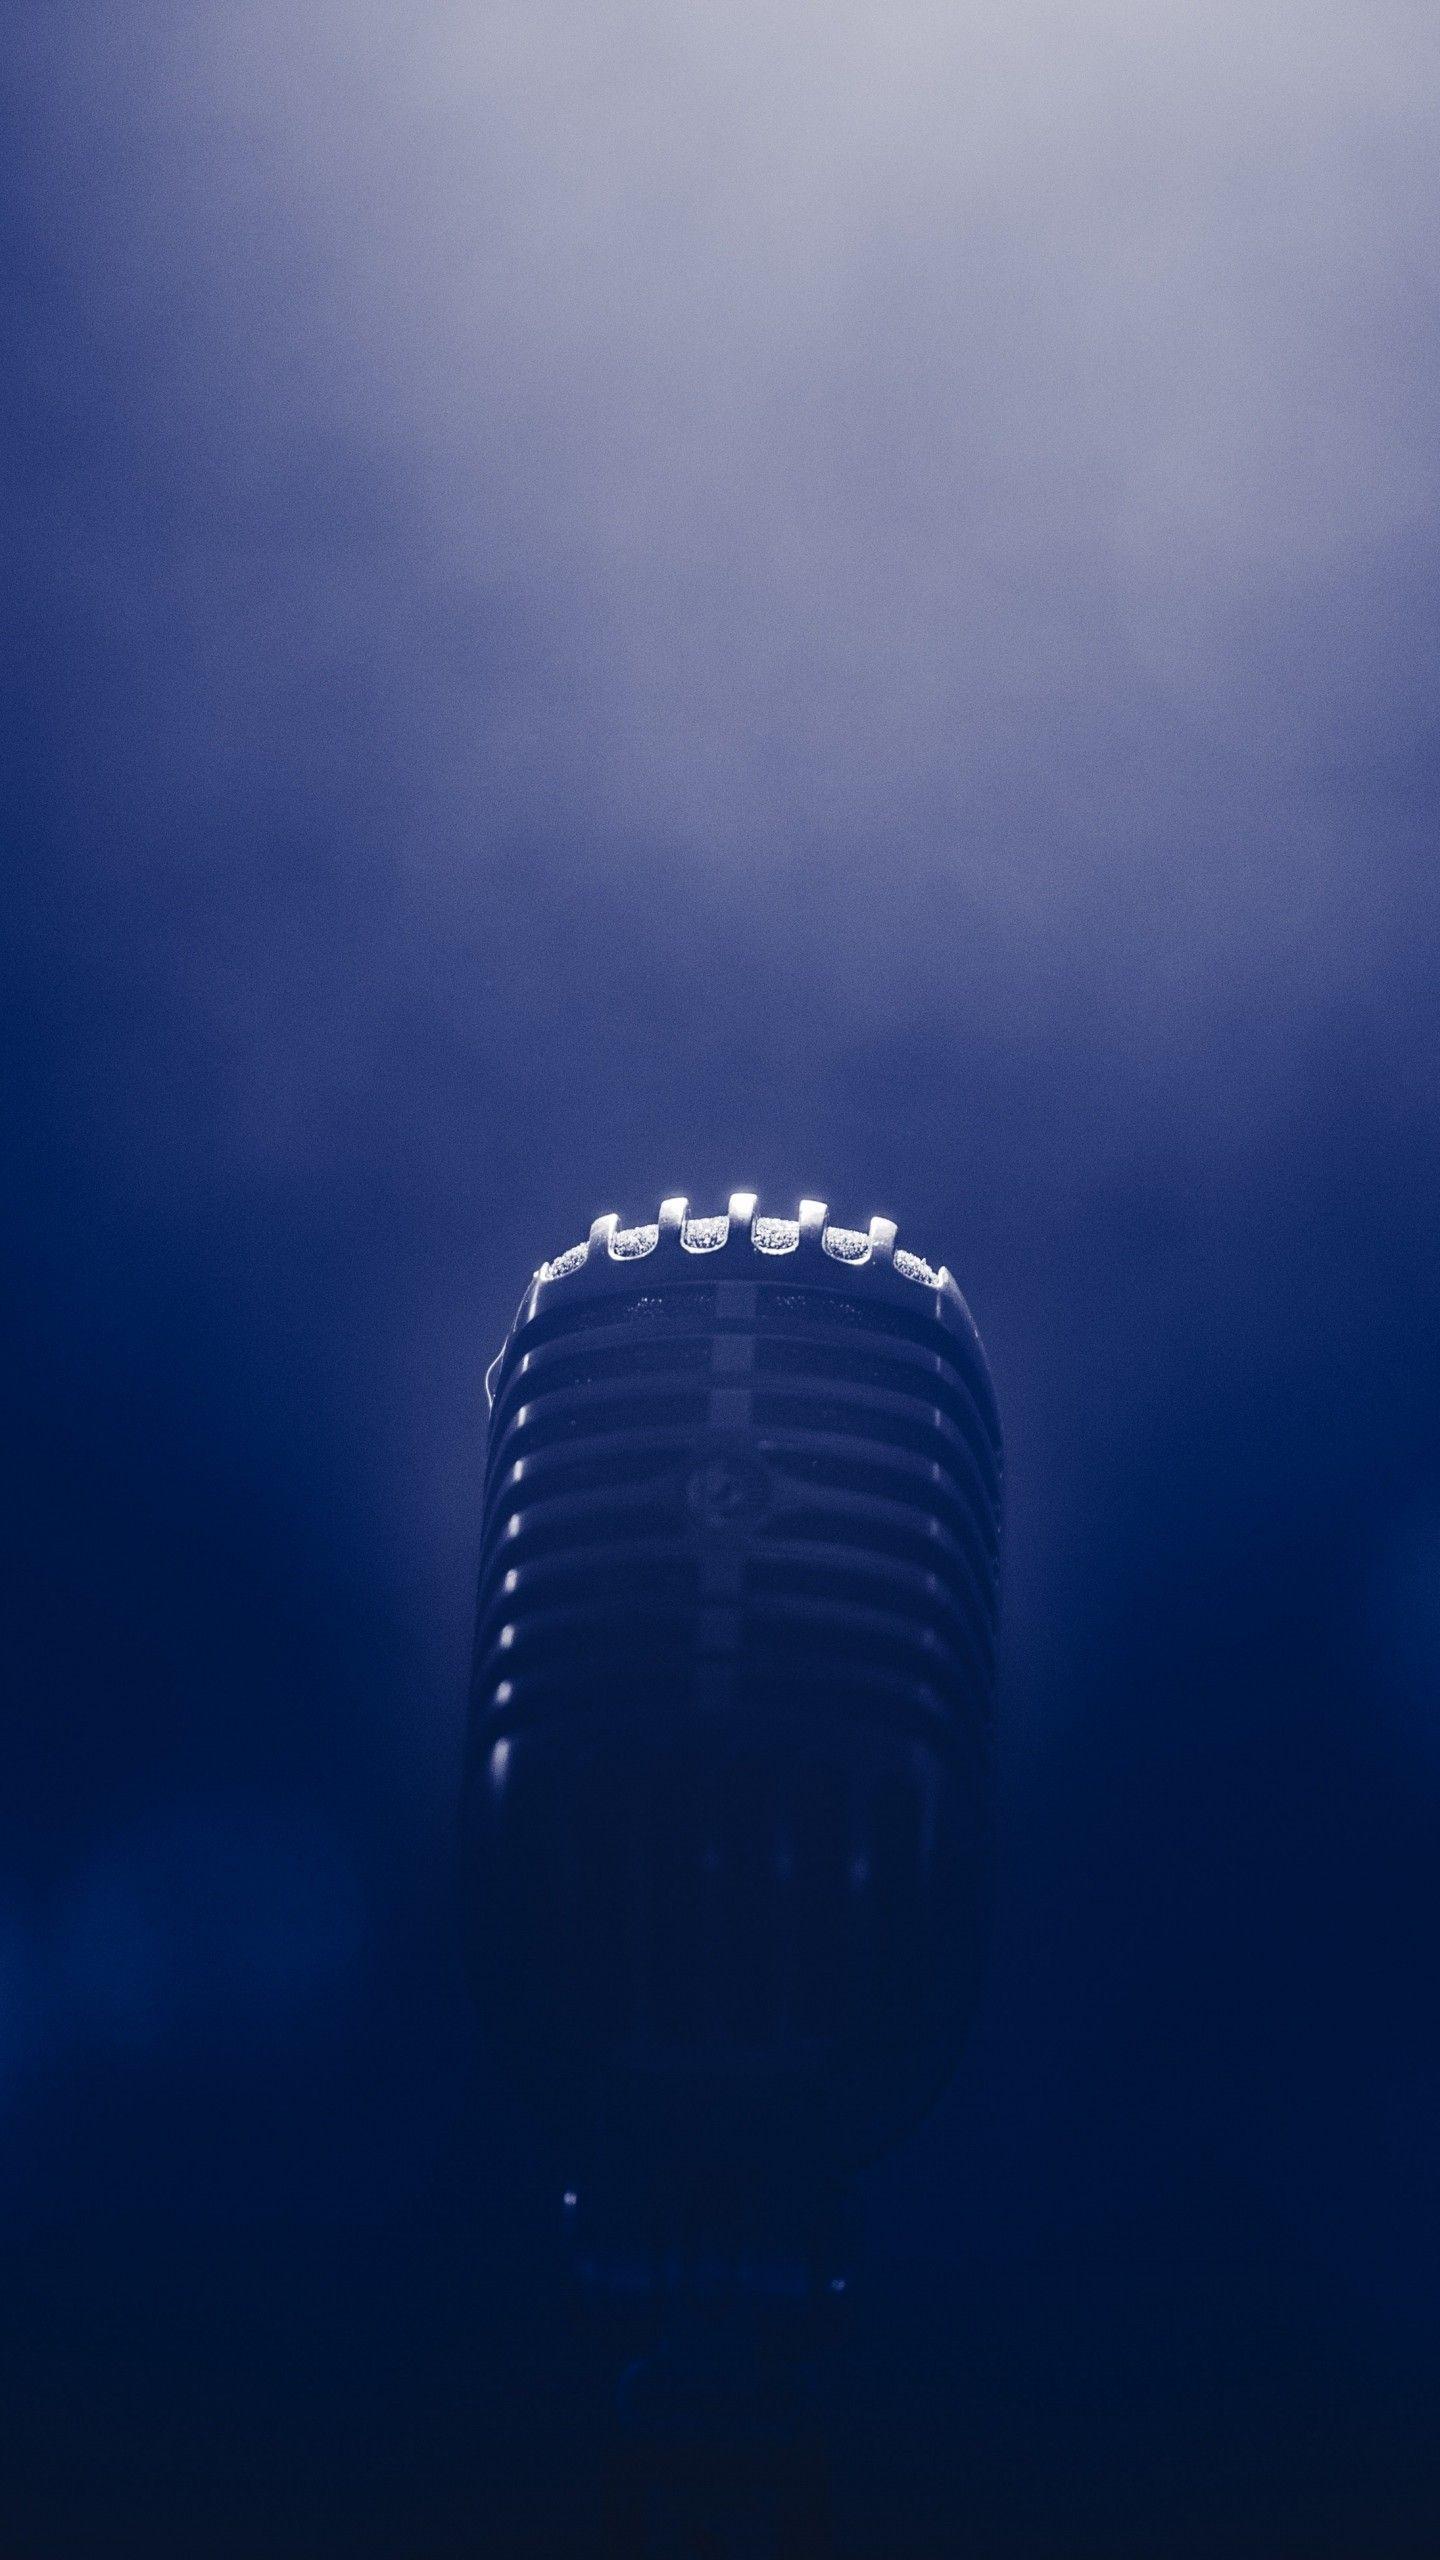 Microphone Smoke Blackout Wallpaper   [1440x2560] Smoke 1440x2560